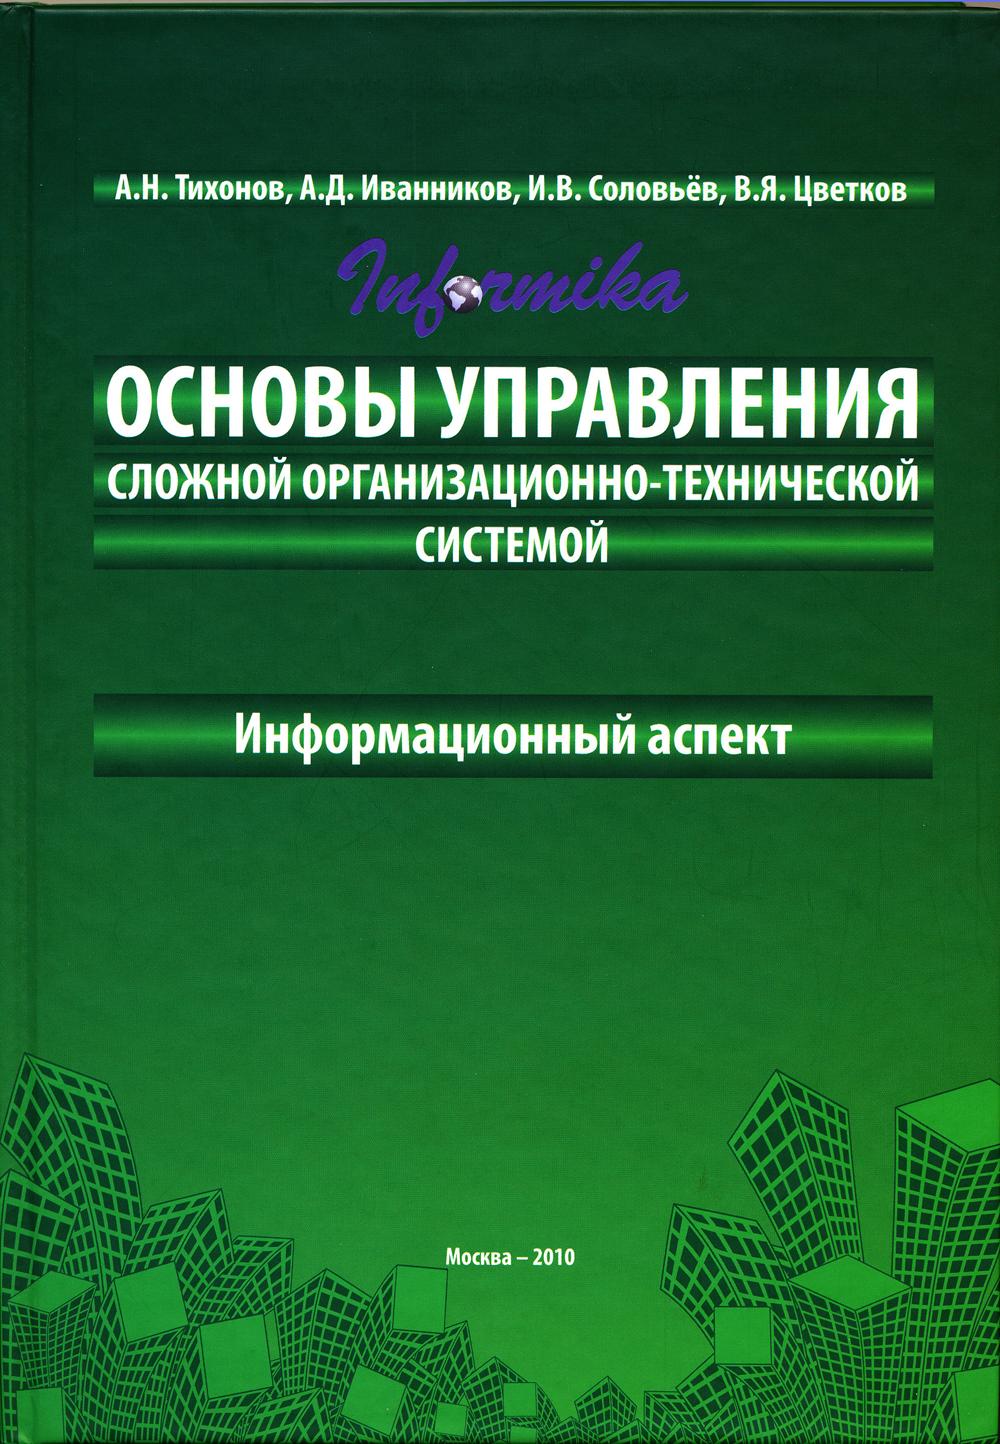 Основы управления сложной организационно-технической системой. Информационный аспект